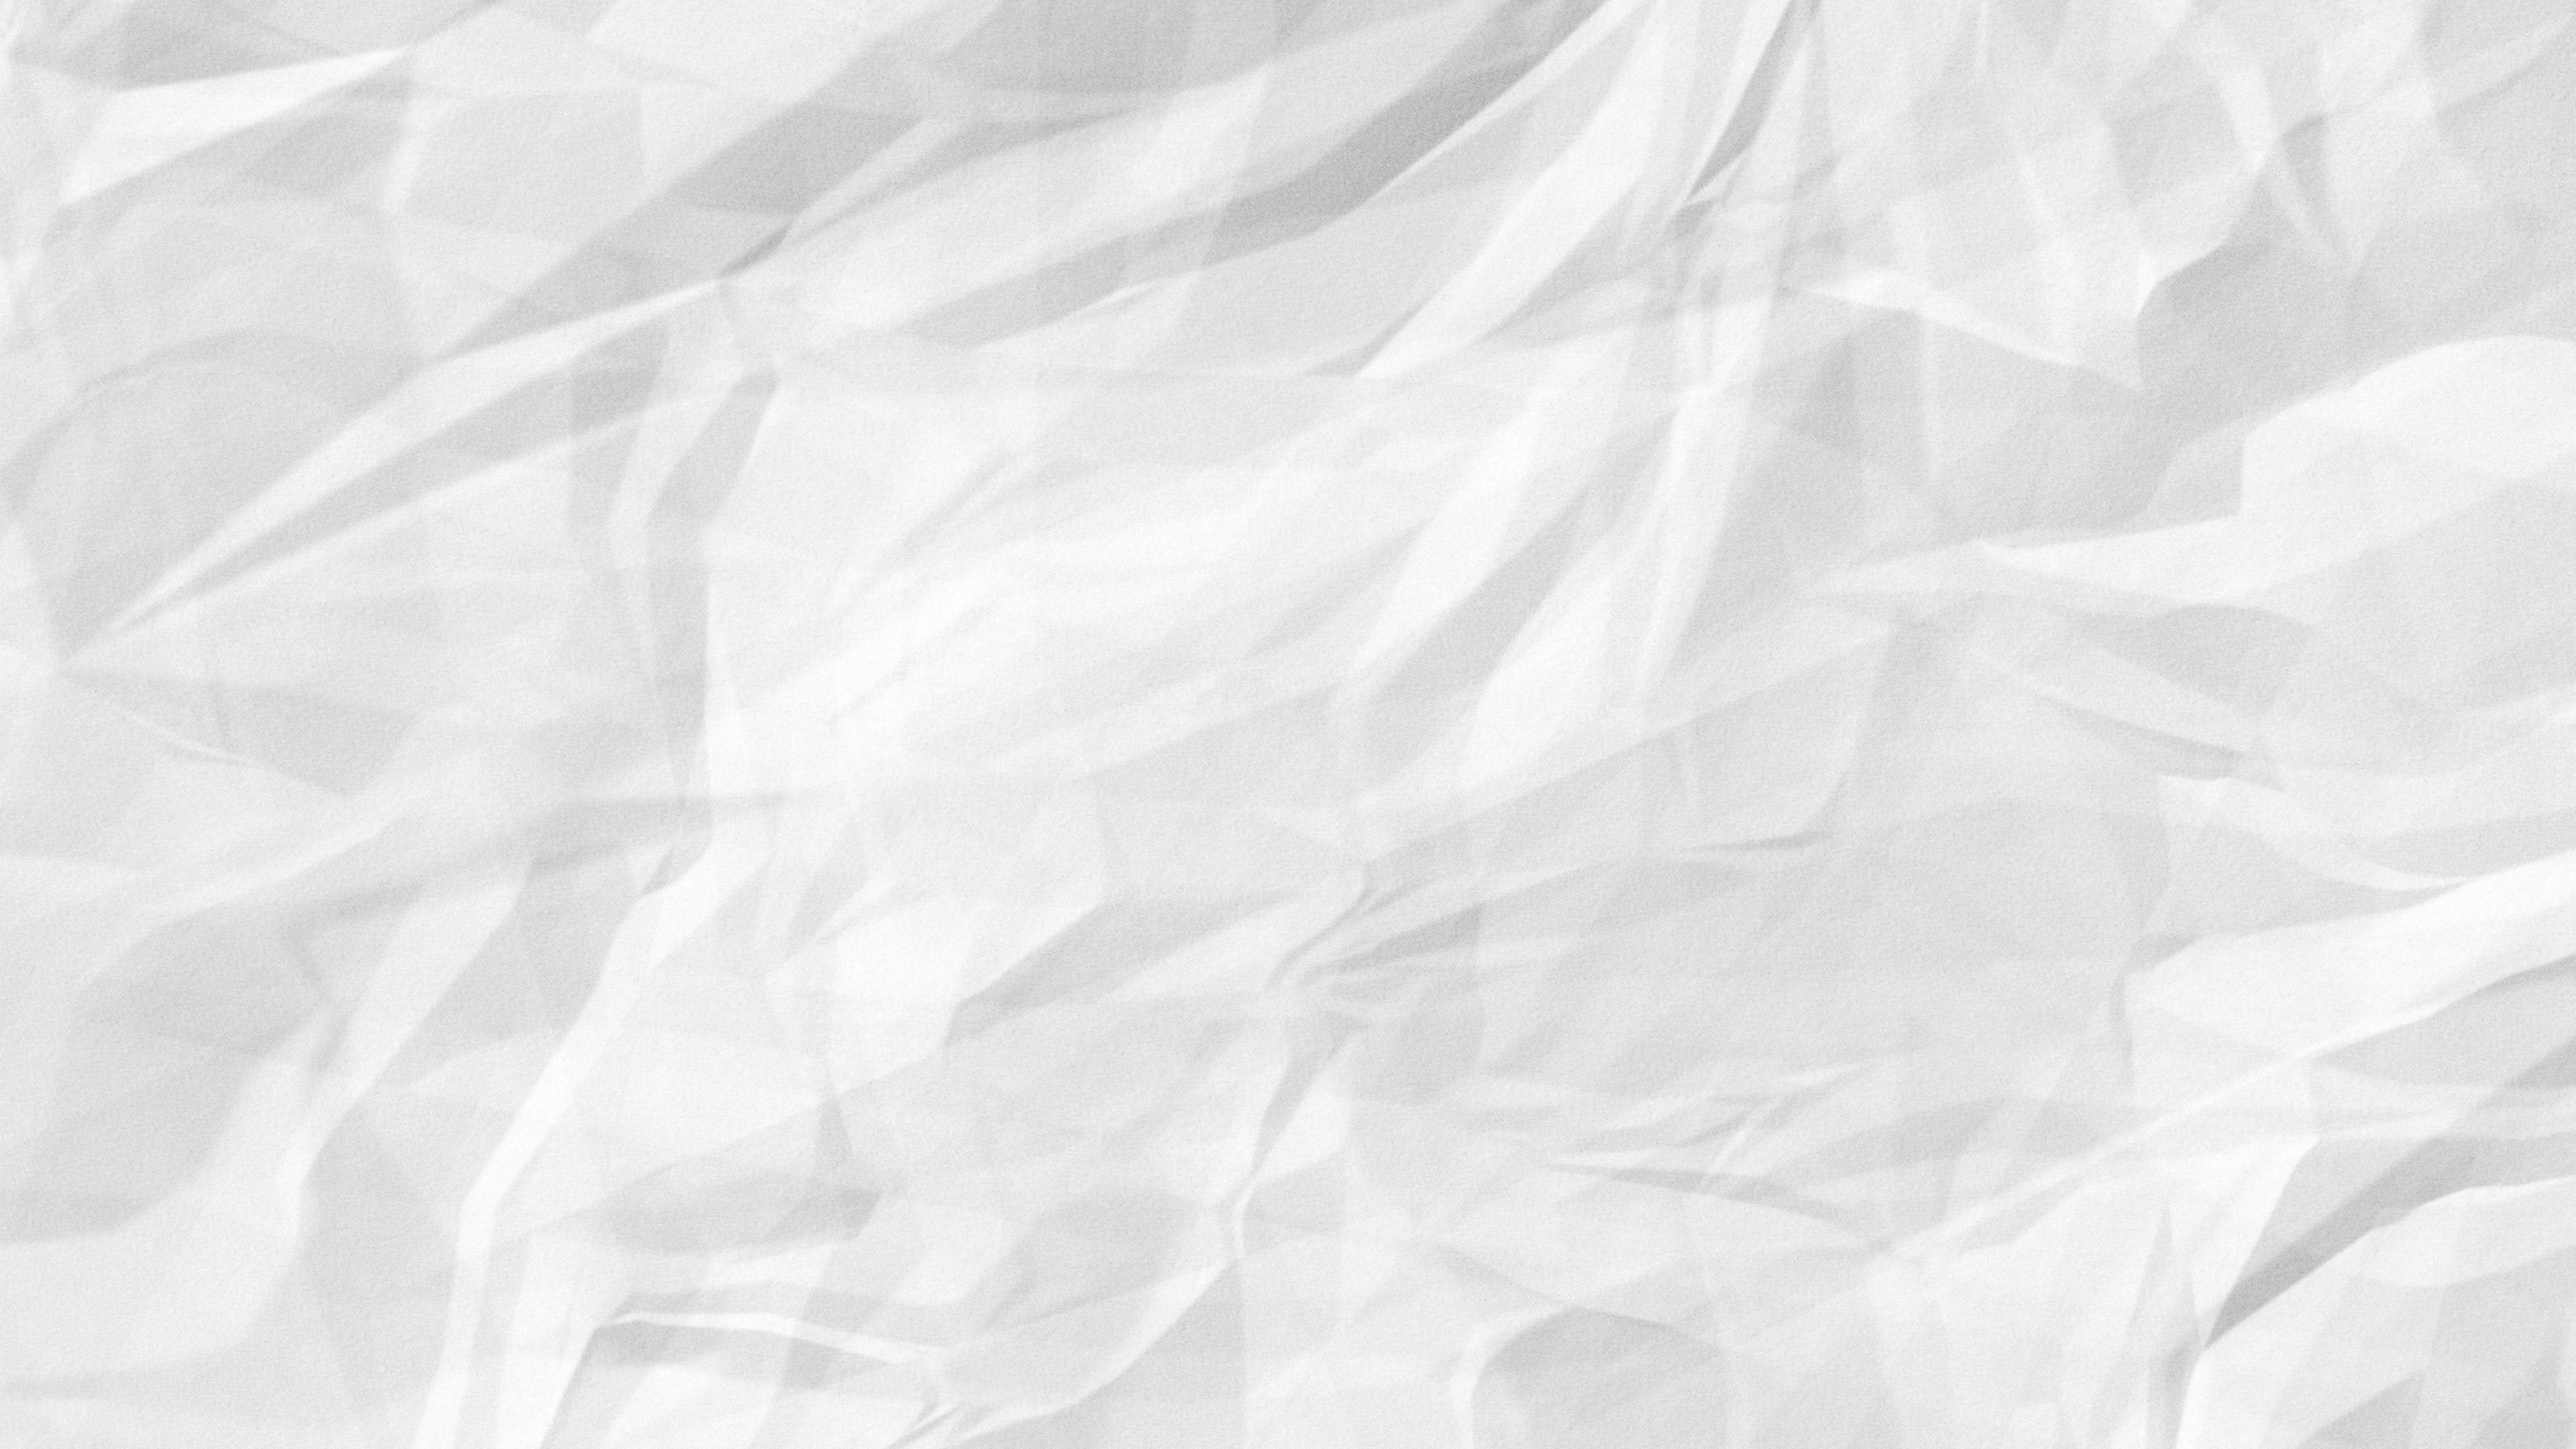 خلفية بيضاء 60 صورة خيارات مع نمط الفضة والأحمر للجدران في غرفة